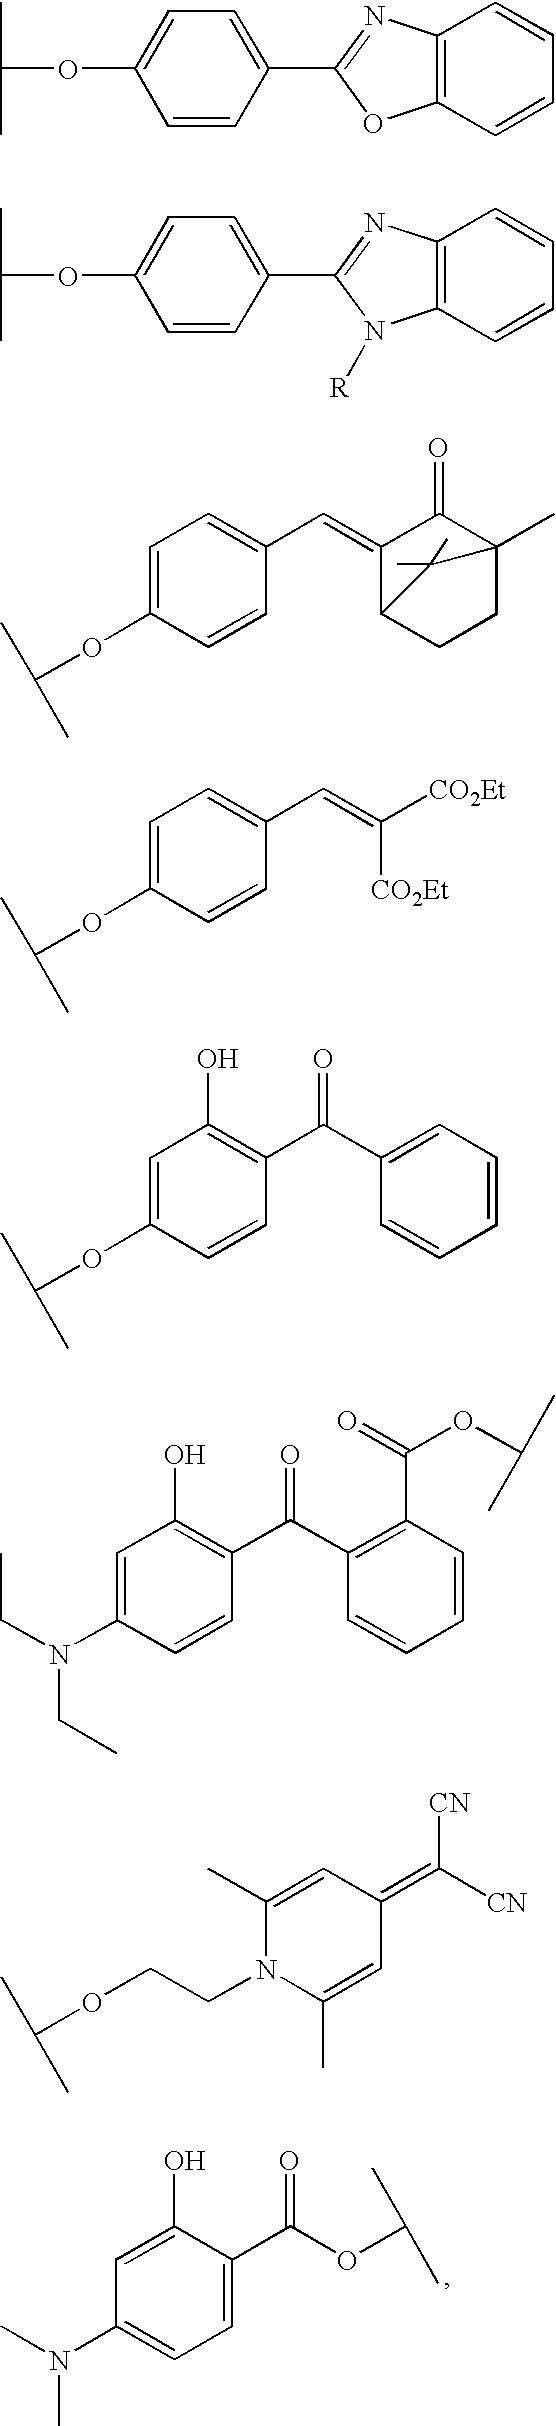 Figure US07988953-20110802-C00018